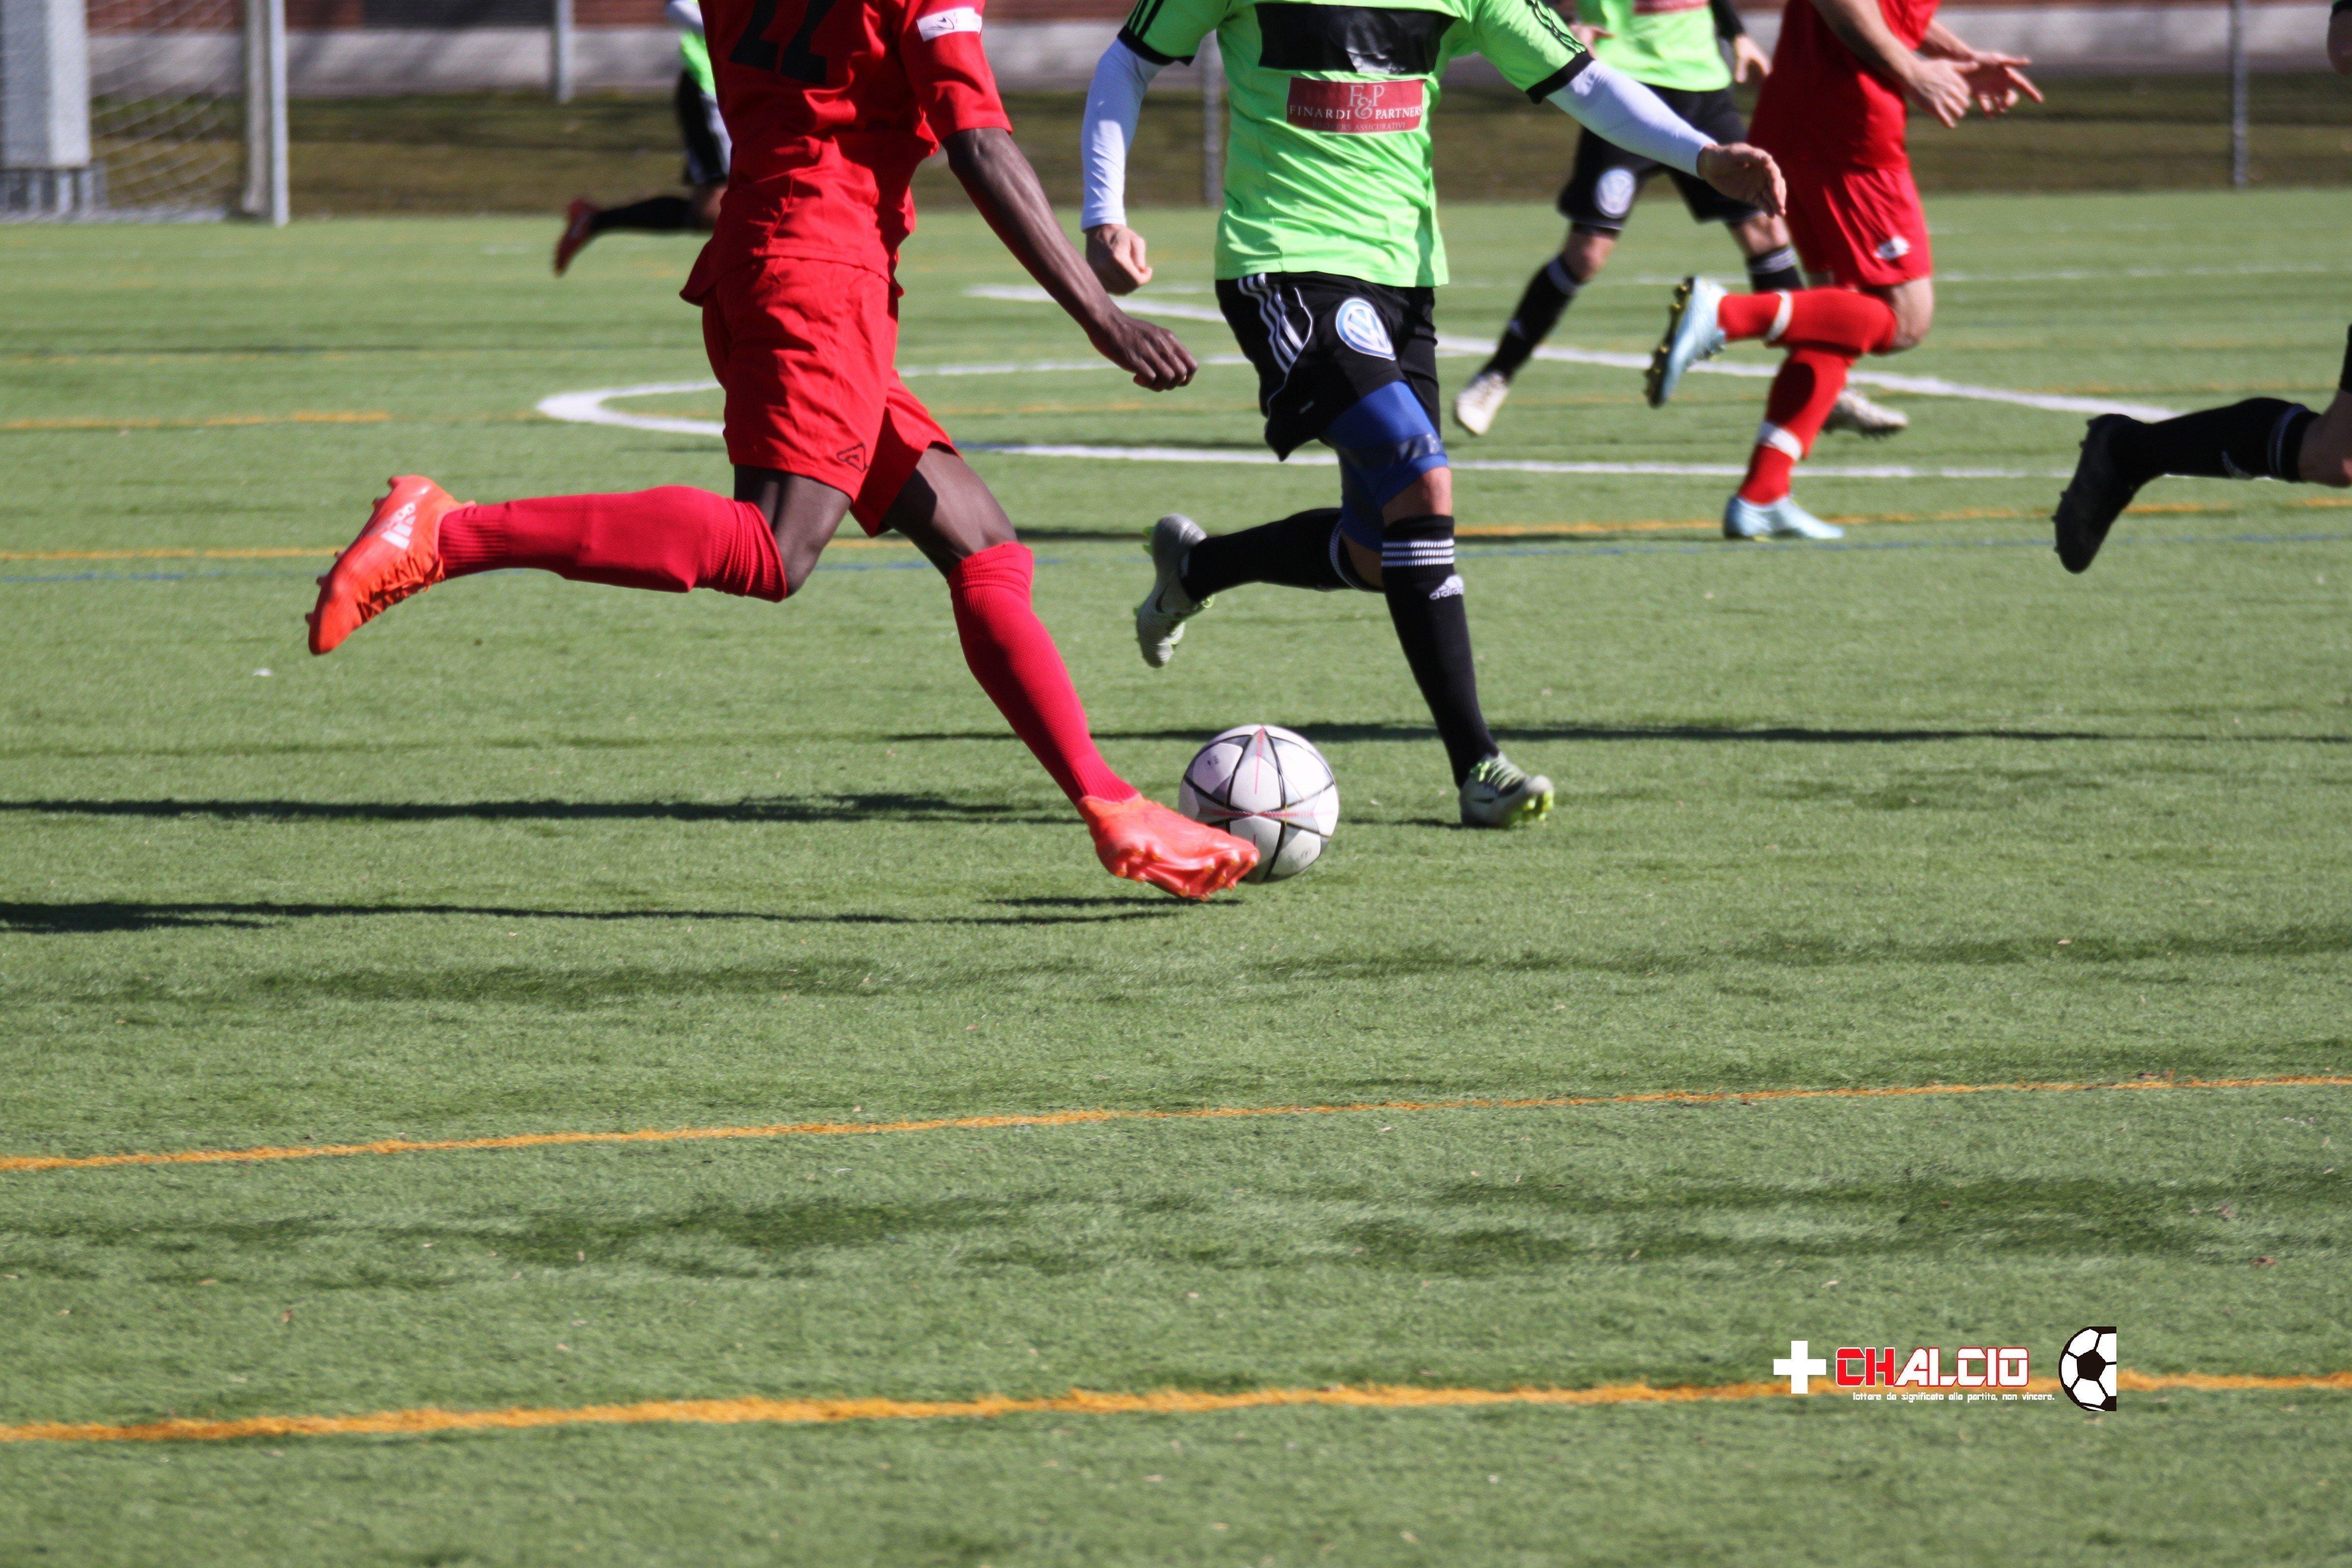 Calcio regionale: stagione al via nel rispetto di regole e buon senso